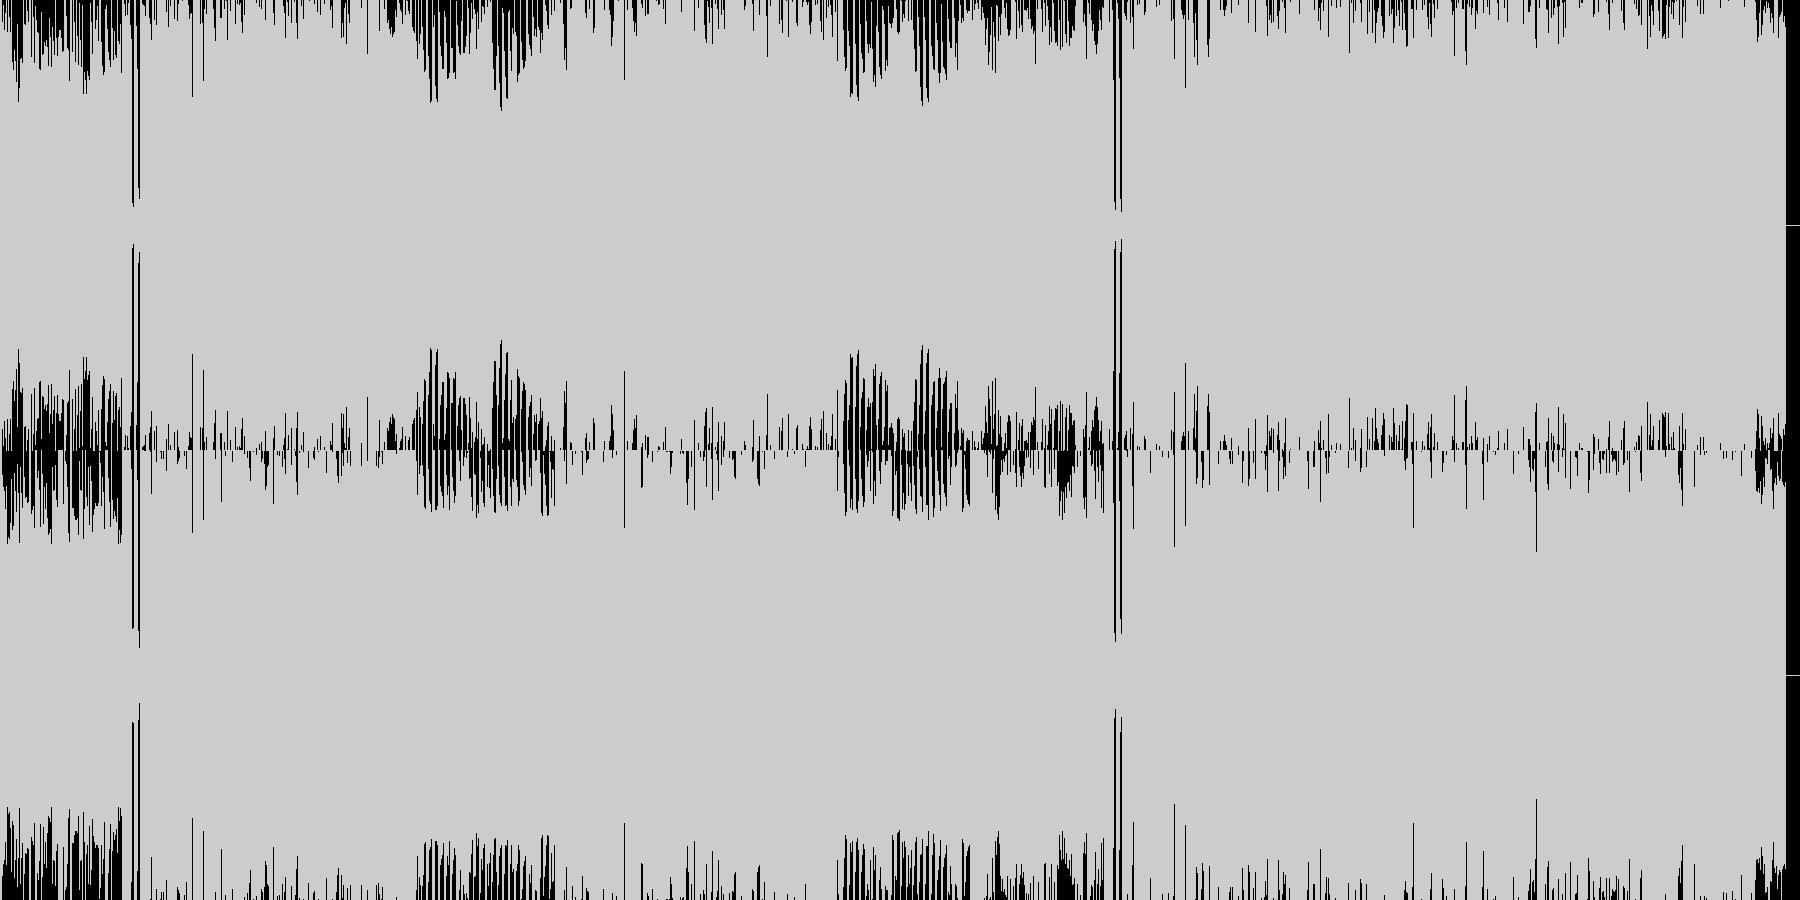 ファミコン3拍子洋館ダンジョンの未再生の波形